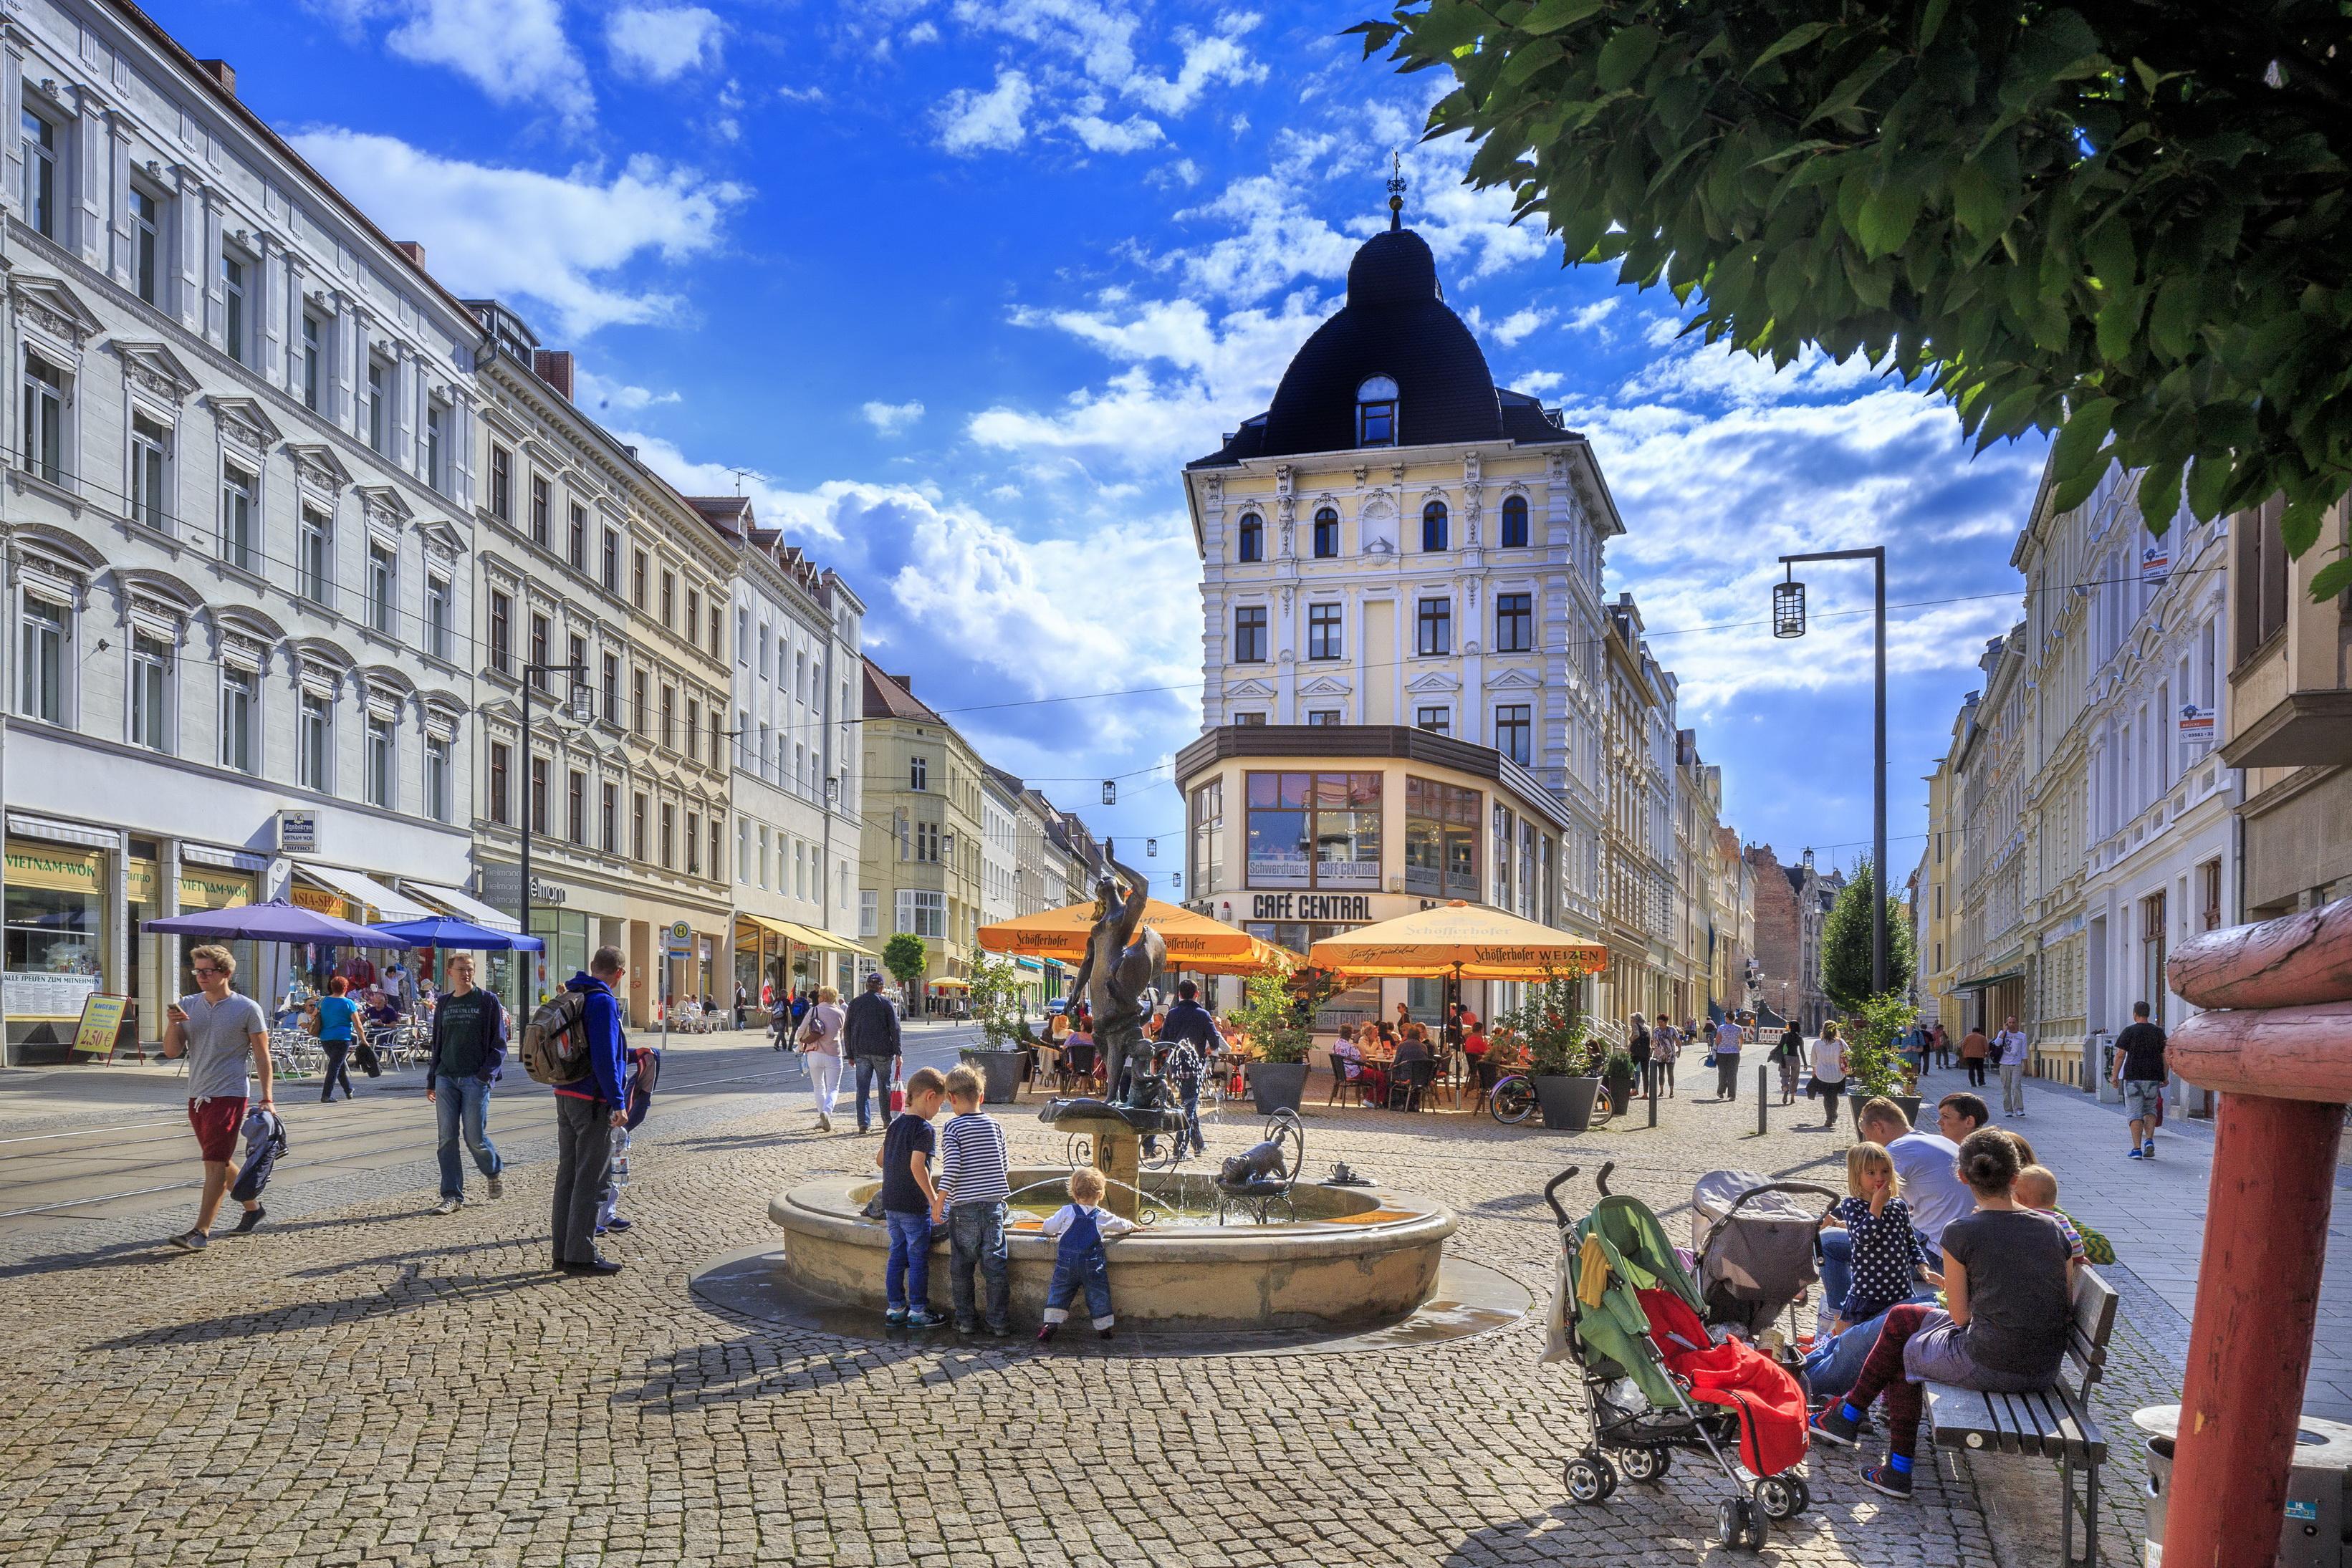 Innenstadt: Flanieren & Entdecken  Foto: R. Weisflog